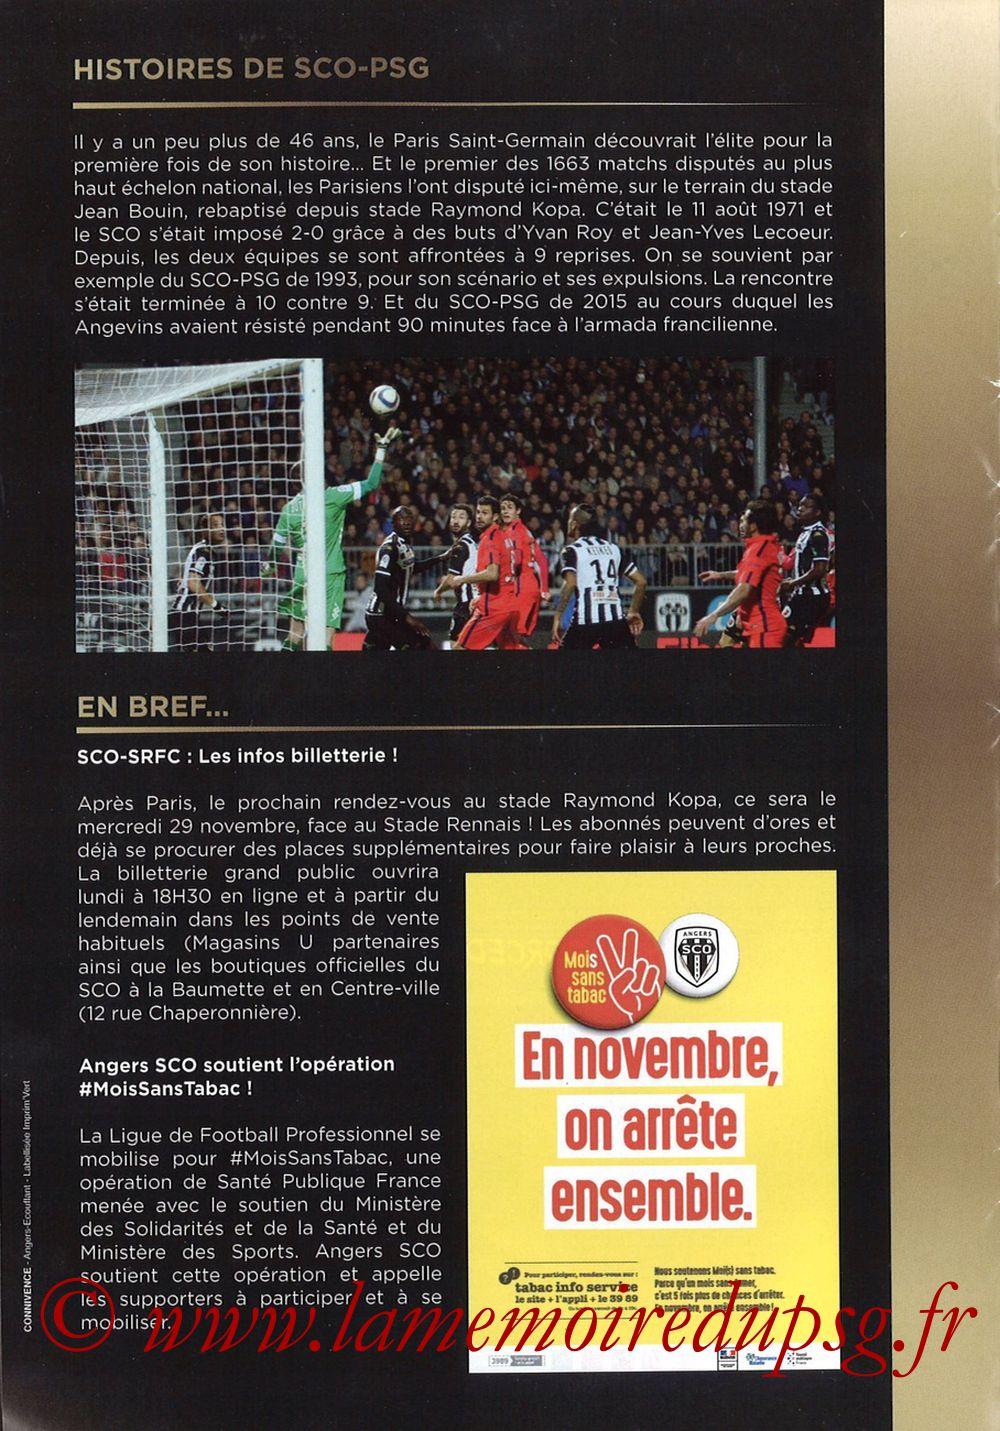 2017-11-04  Angers-PSG (12ème L1, Programme officiel) - Pages 10